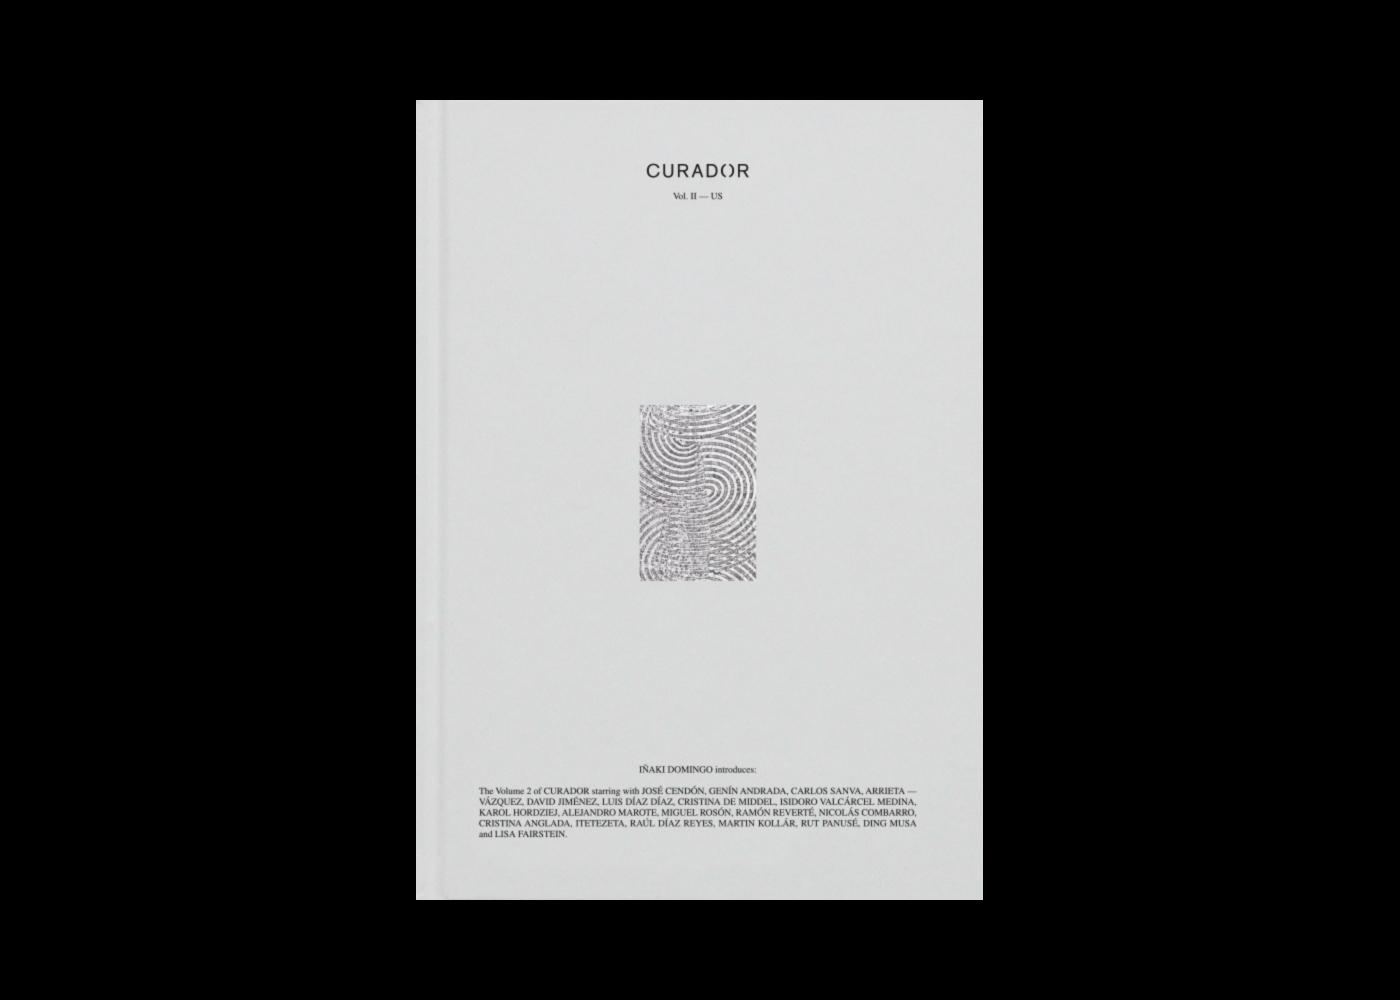 Curador Vol. II - US